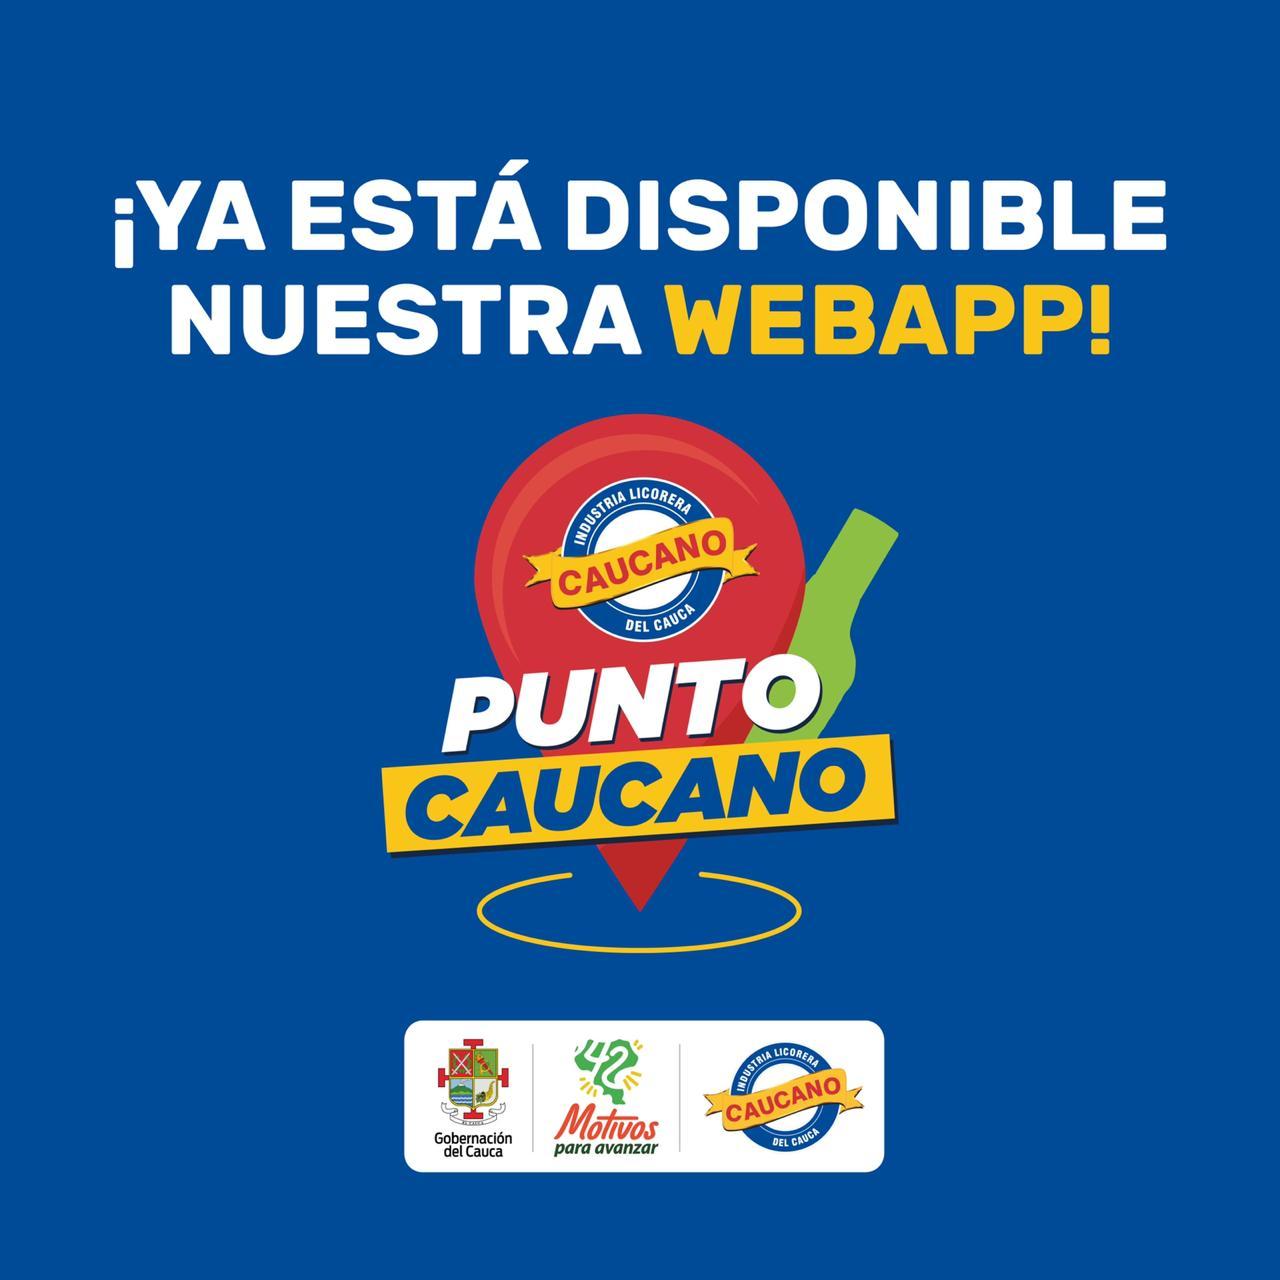 Le apostamos al mundo digital con nuestra nueva web app 'Punto Caucano'